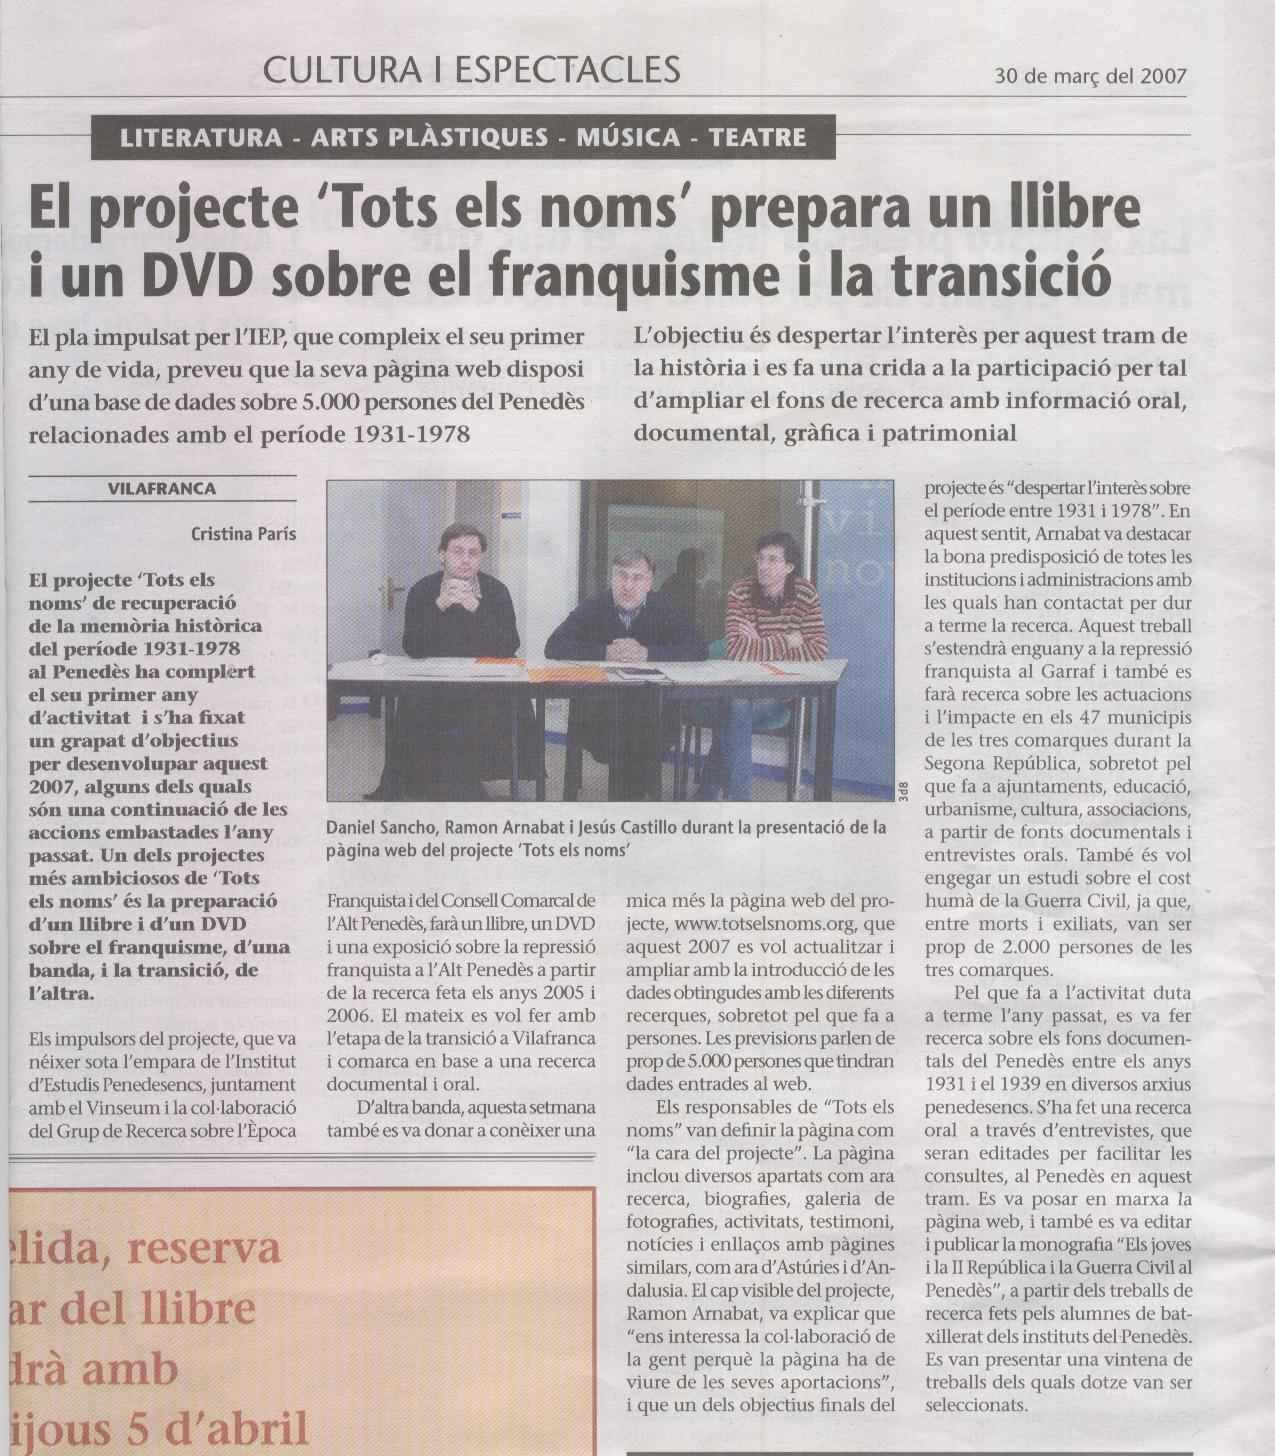 """El projecte """"Tots els noms"""" prepara un llibre i un DVD sobre el franquisme i la transició..."""